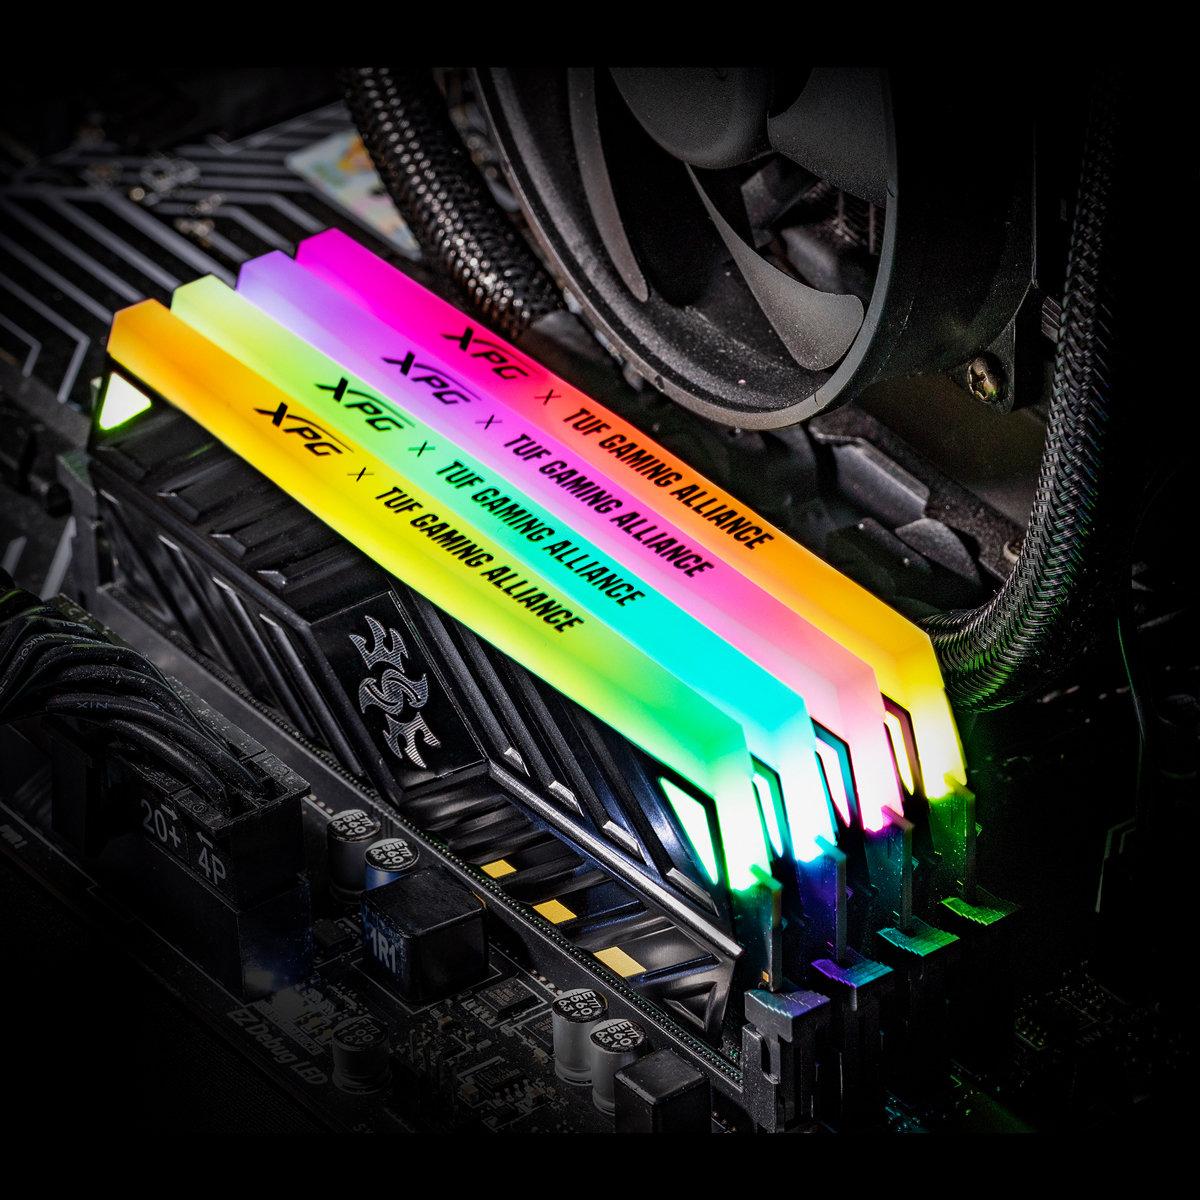 ADATA XPG SPECTRIX D41 TUF Gaming Edition - Pamięć RAM stworzona we współpracy z marką ASUS